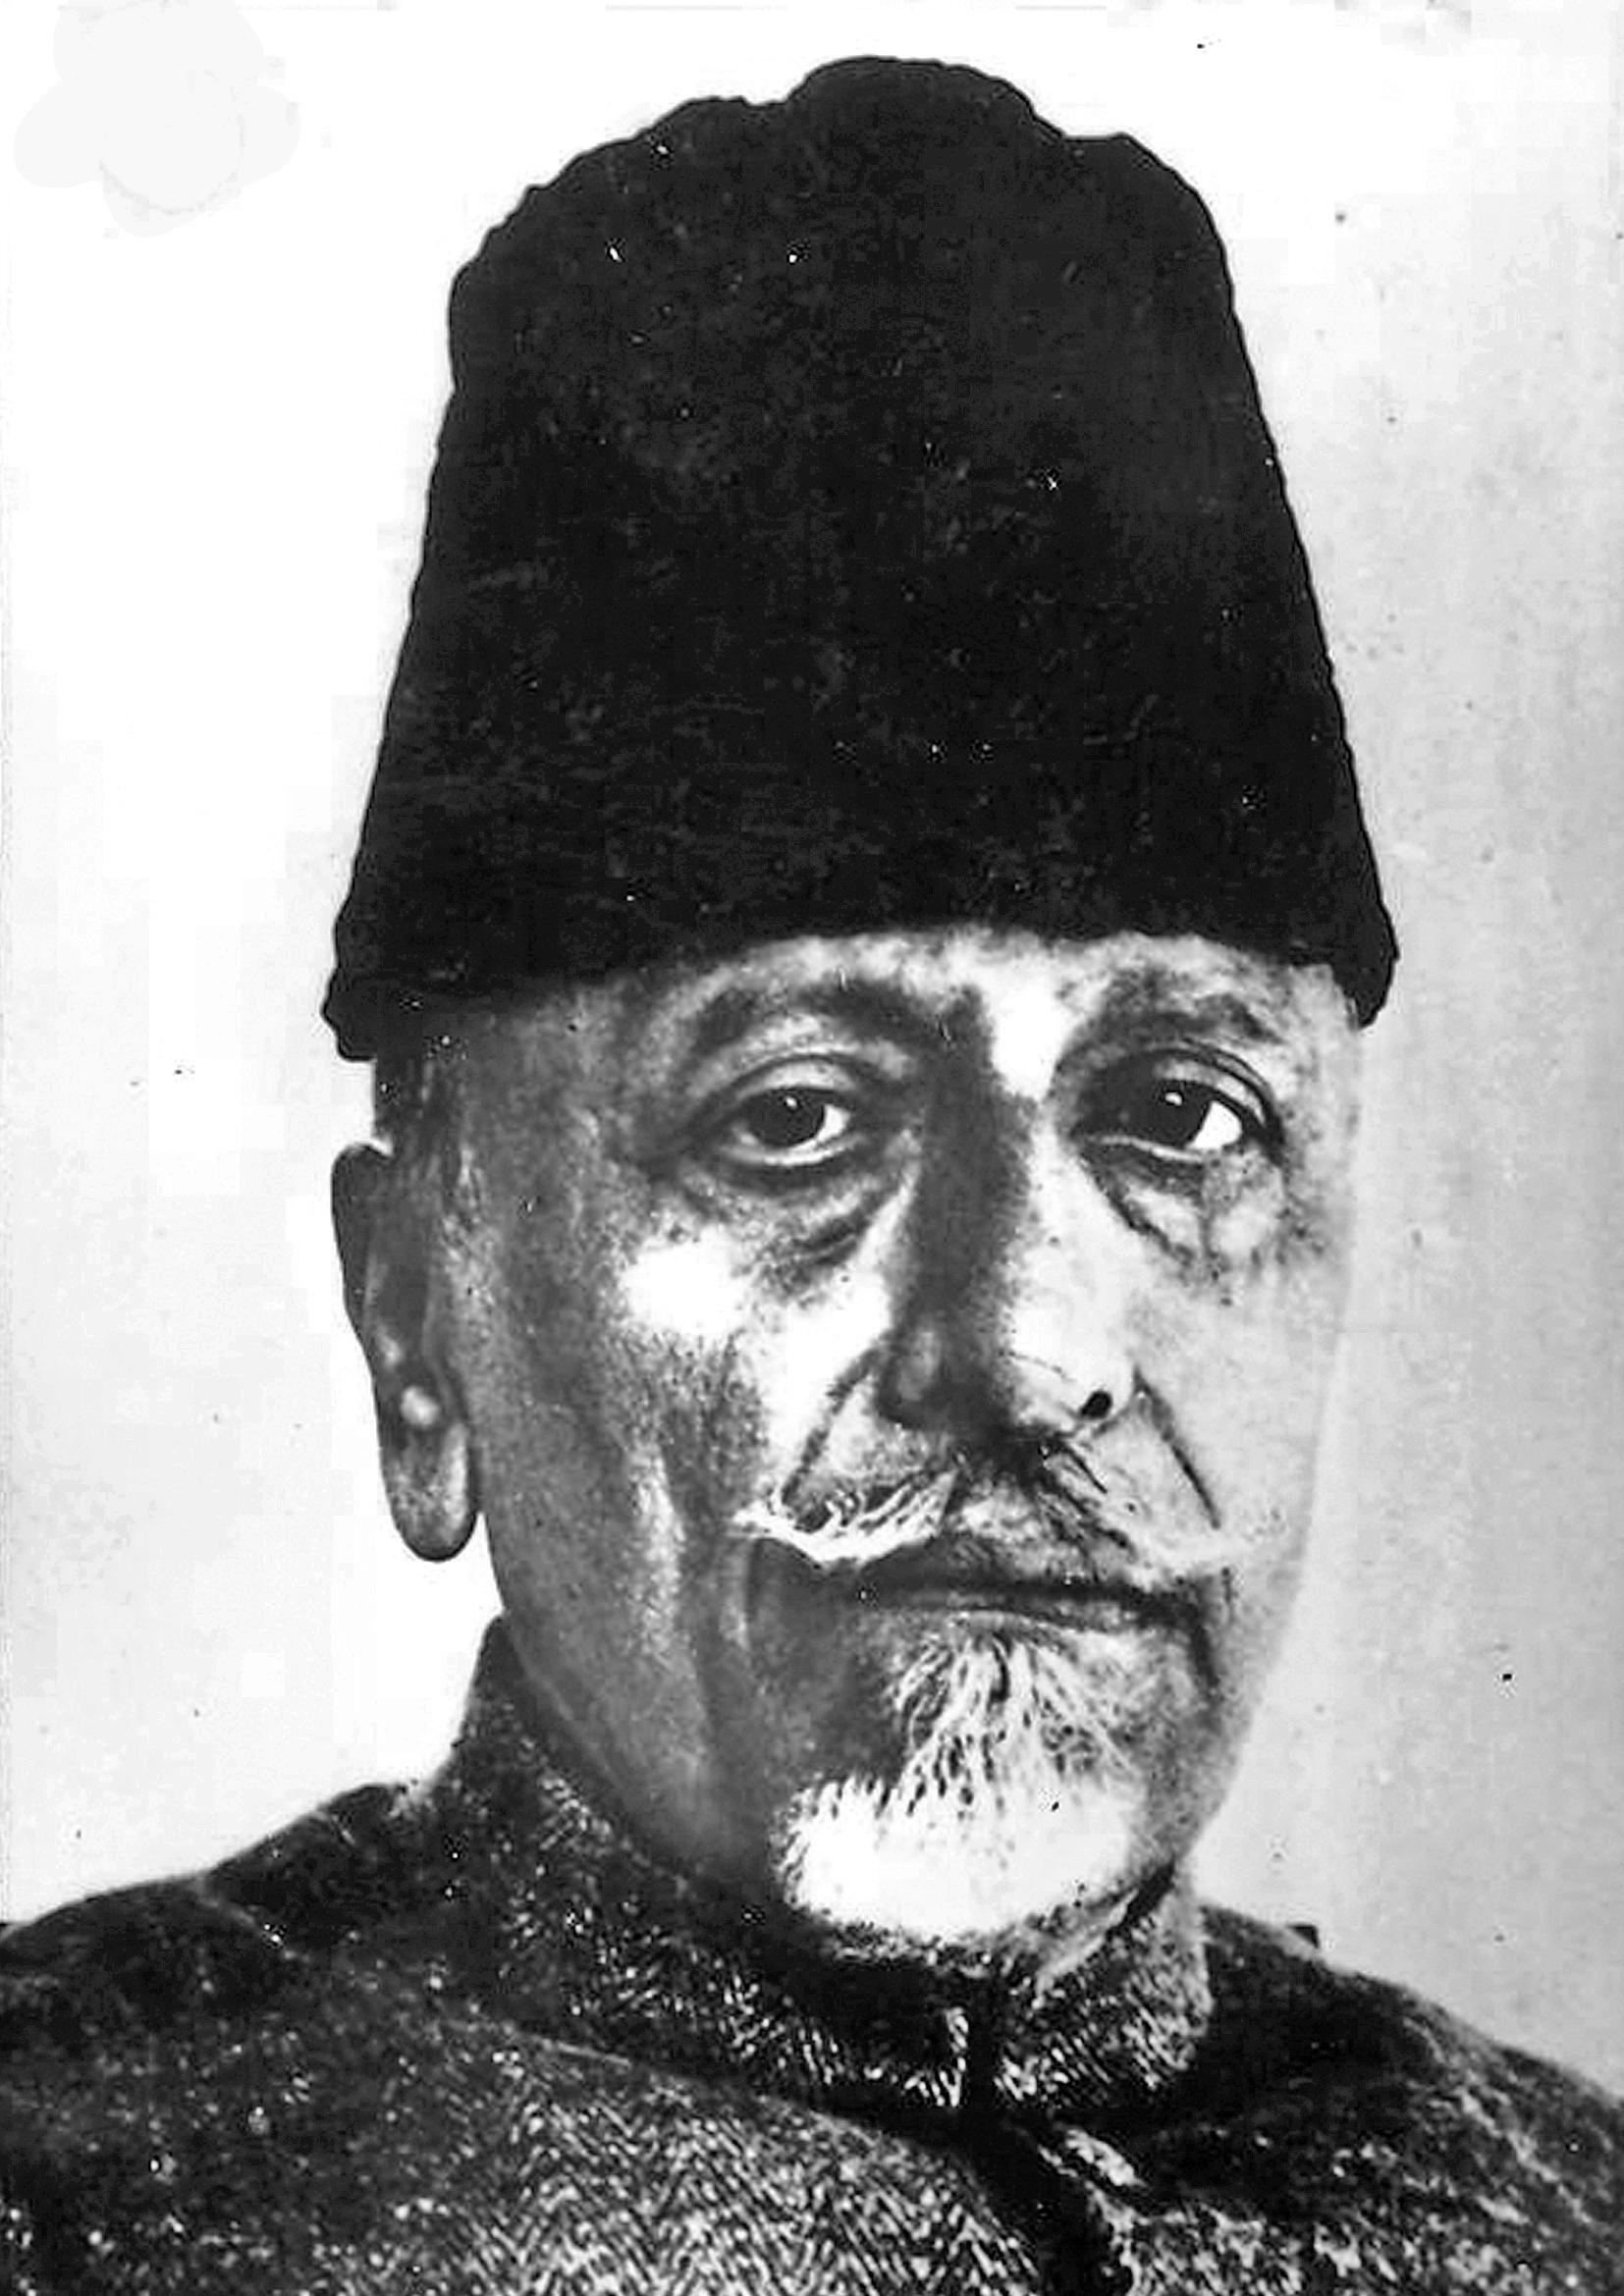 स्वतंत्र भारत के पहले शिक्षा मंत्री थे